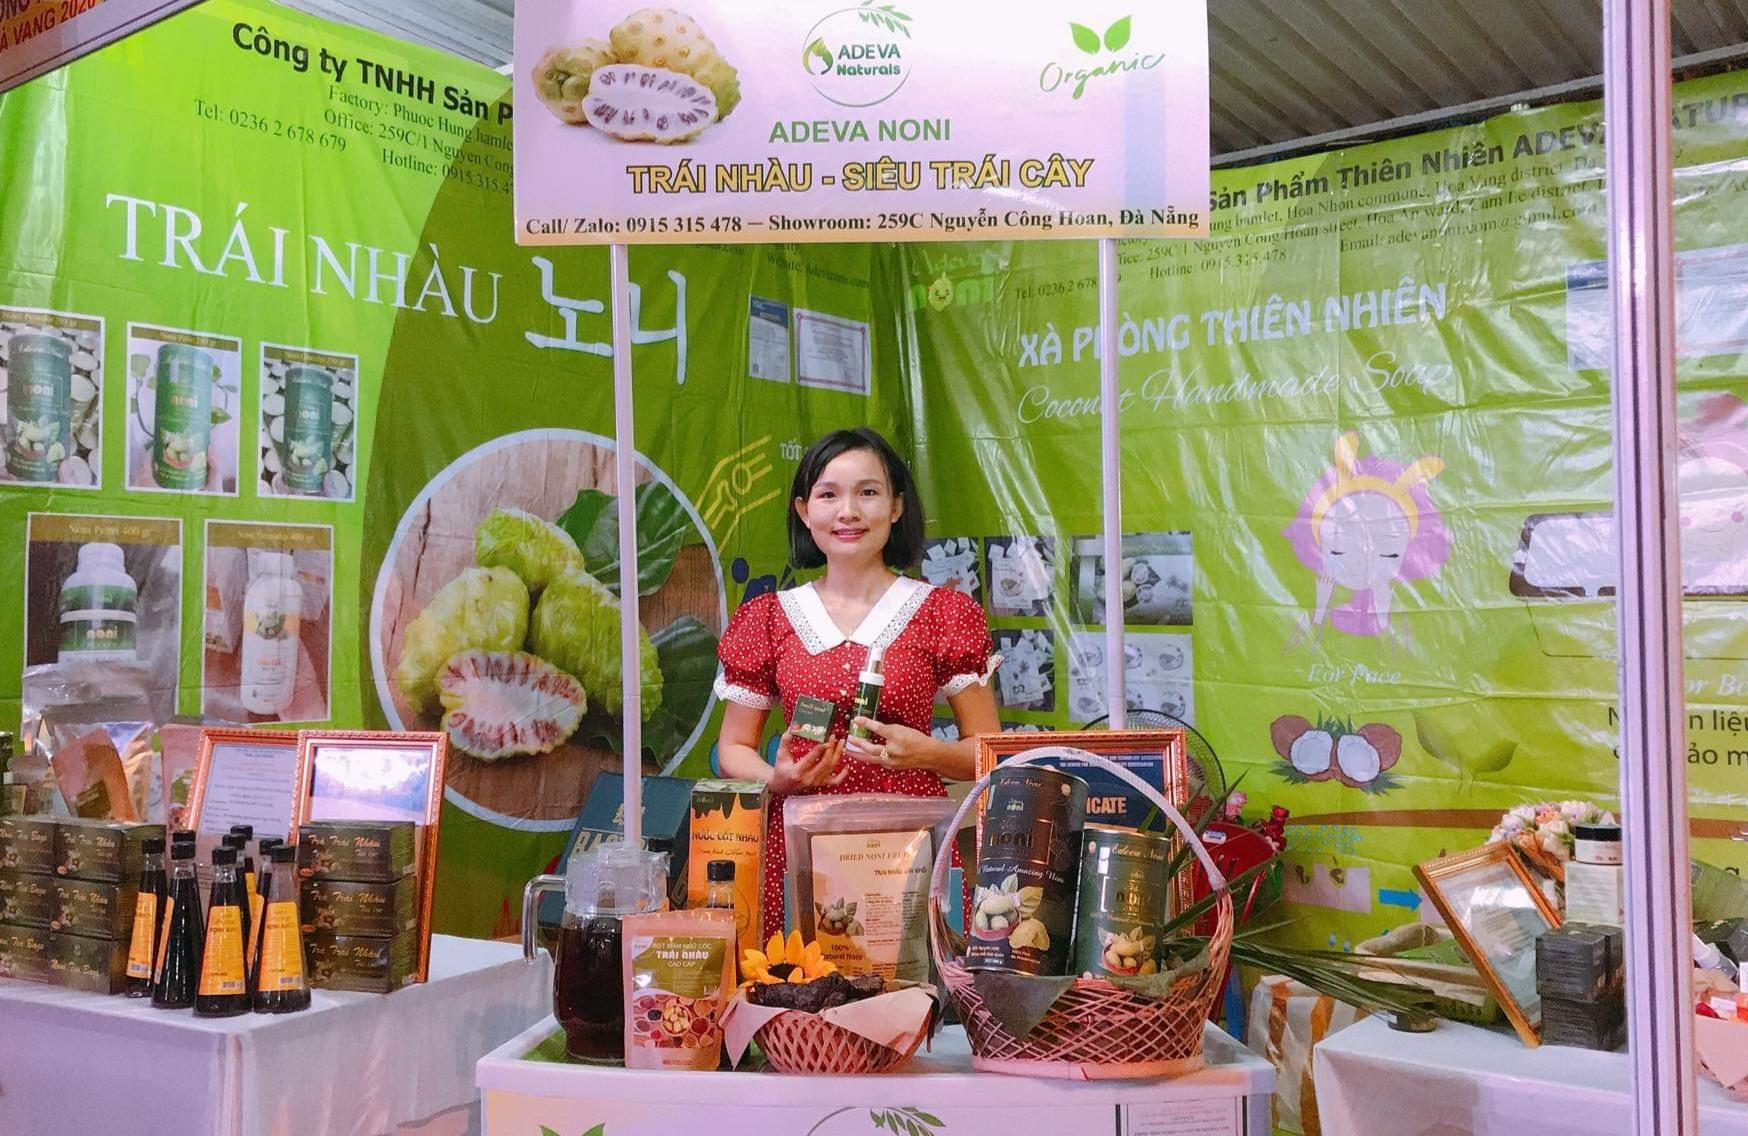 Chị Nguyễn Thu Dung với các sản phẩm từ trái nhàu. Ảnh: H.P